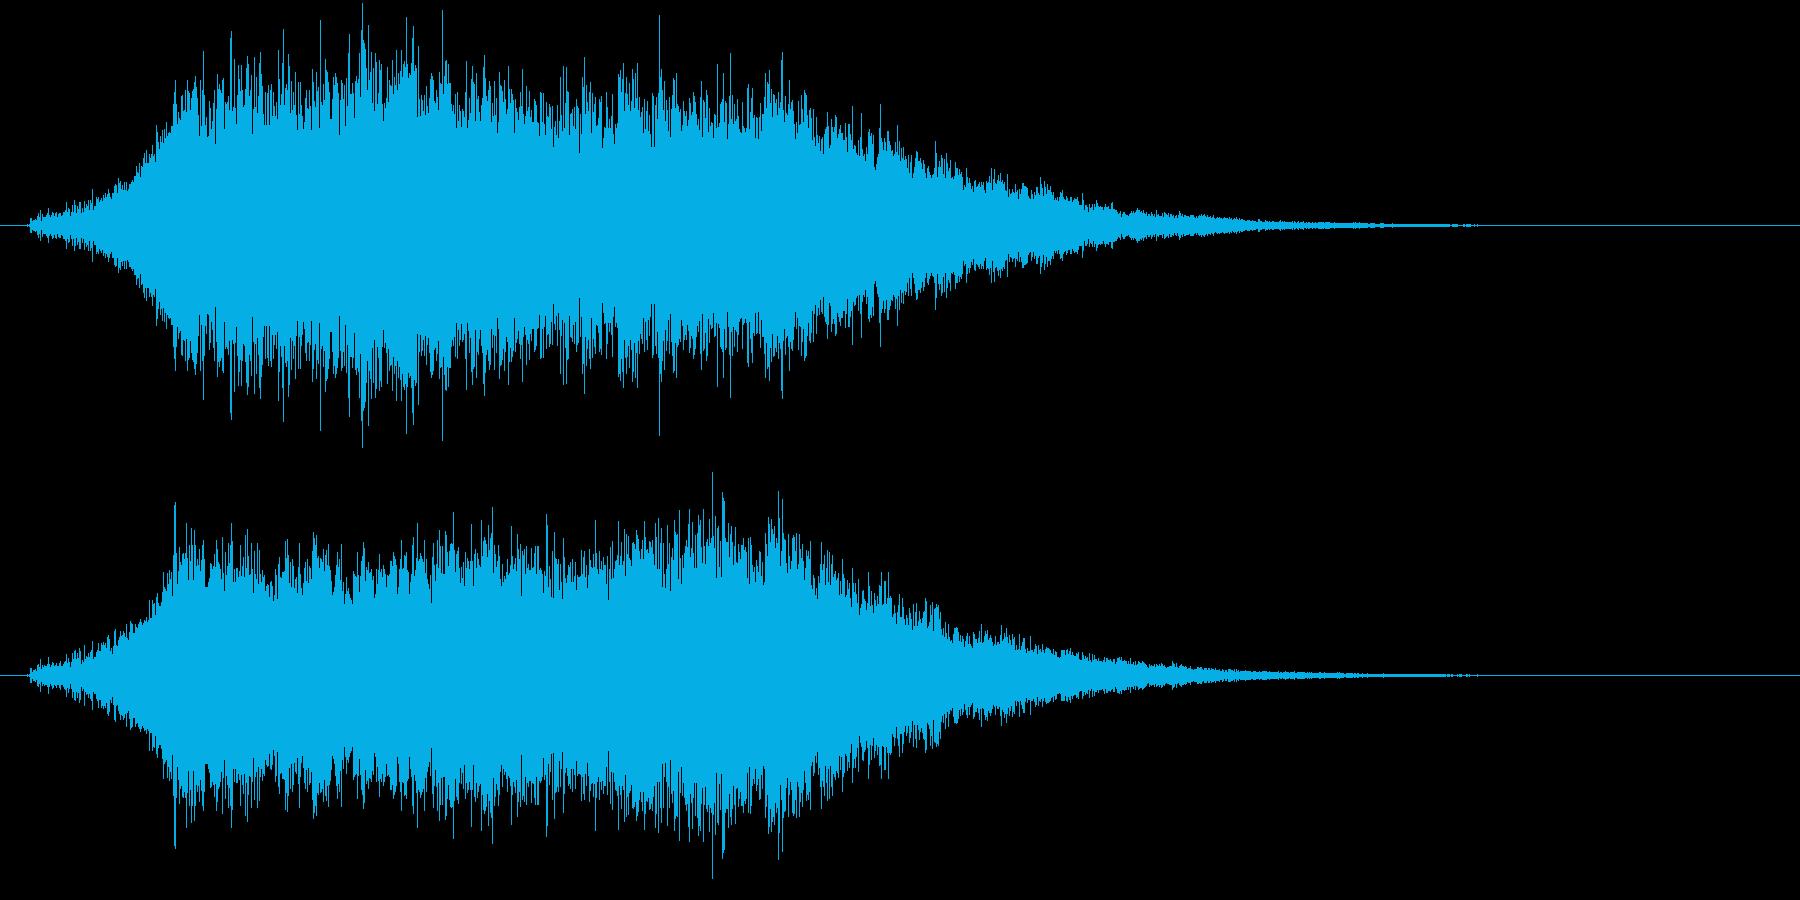 キラキラ&重厚なサウンドロゴの再生済みの波形